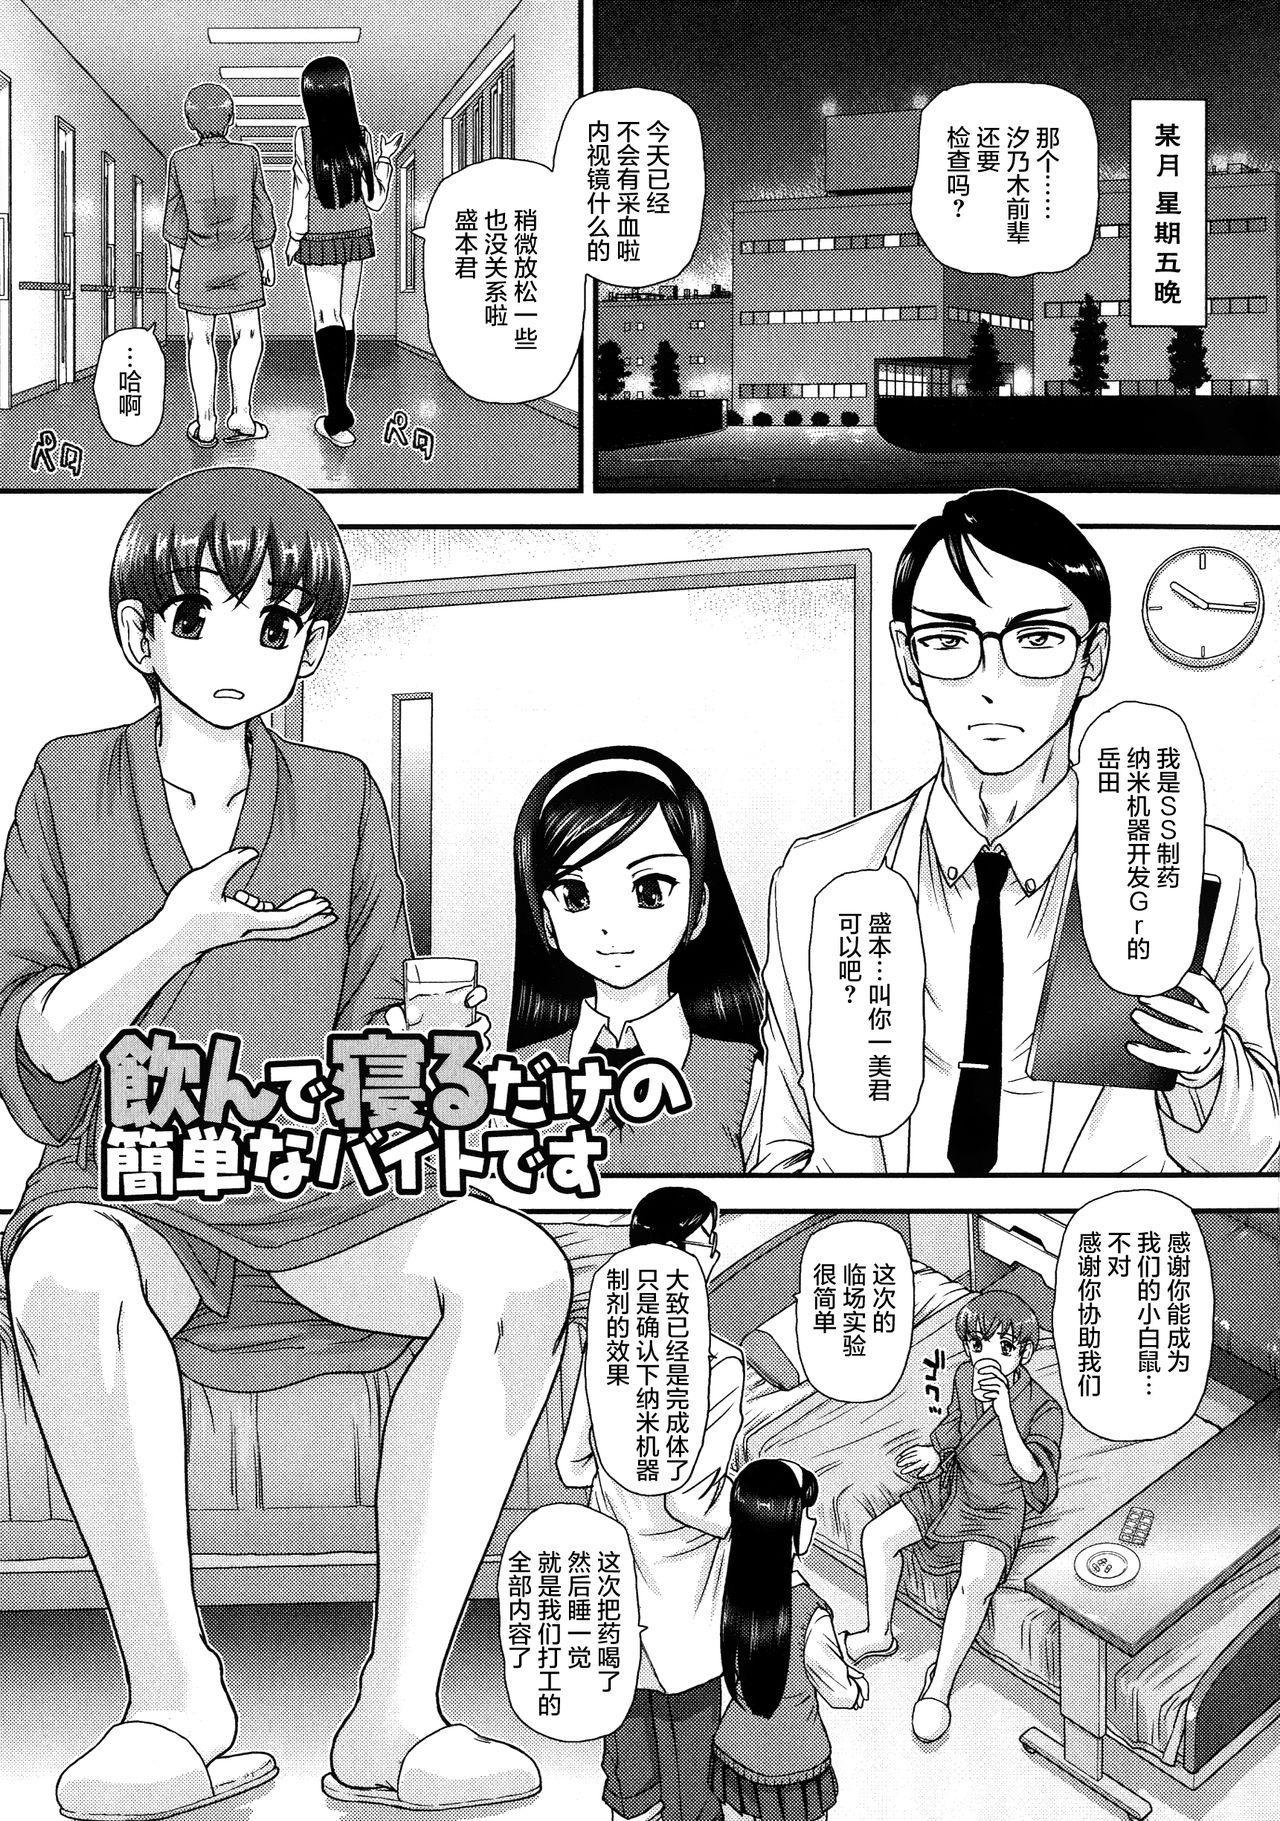 Niyotaika Ryoujoku Kensa 86